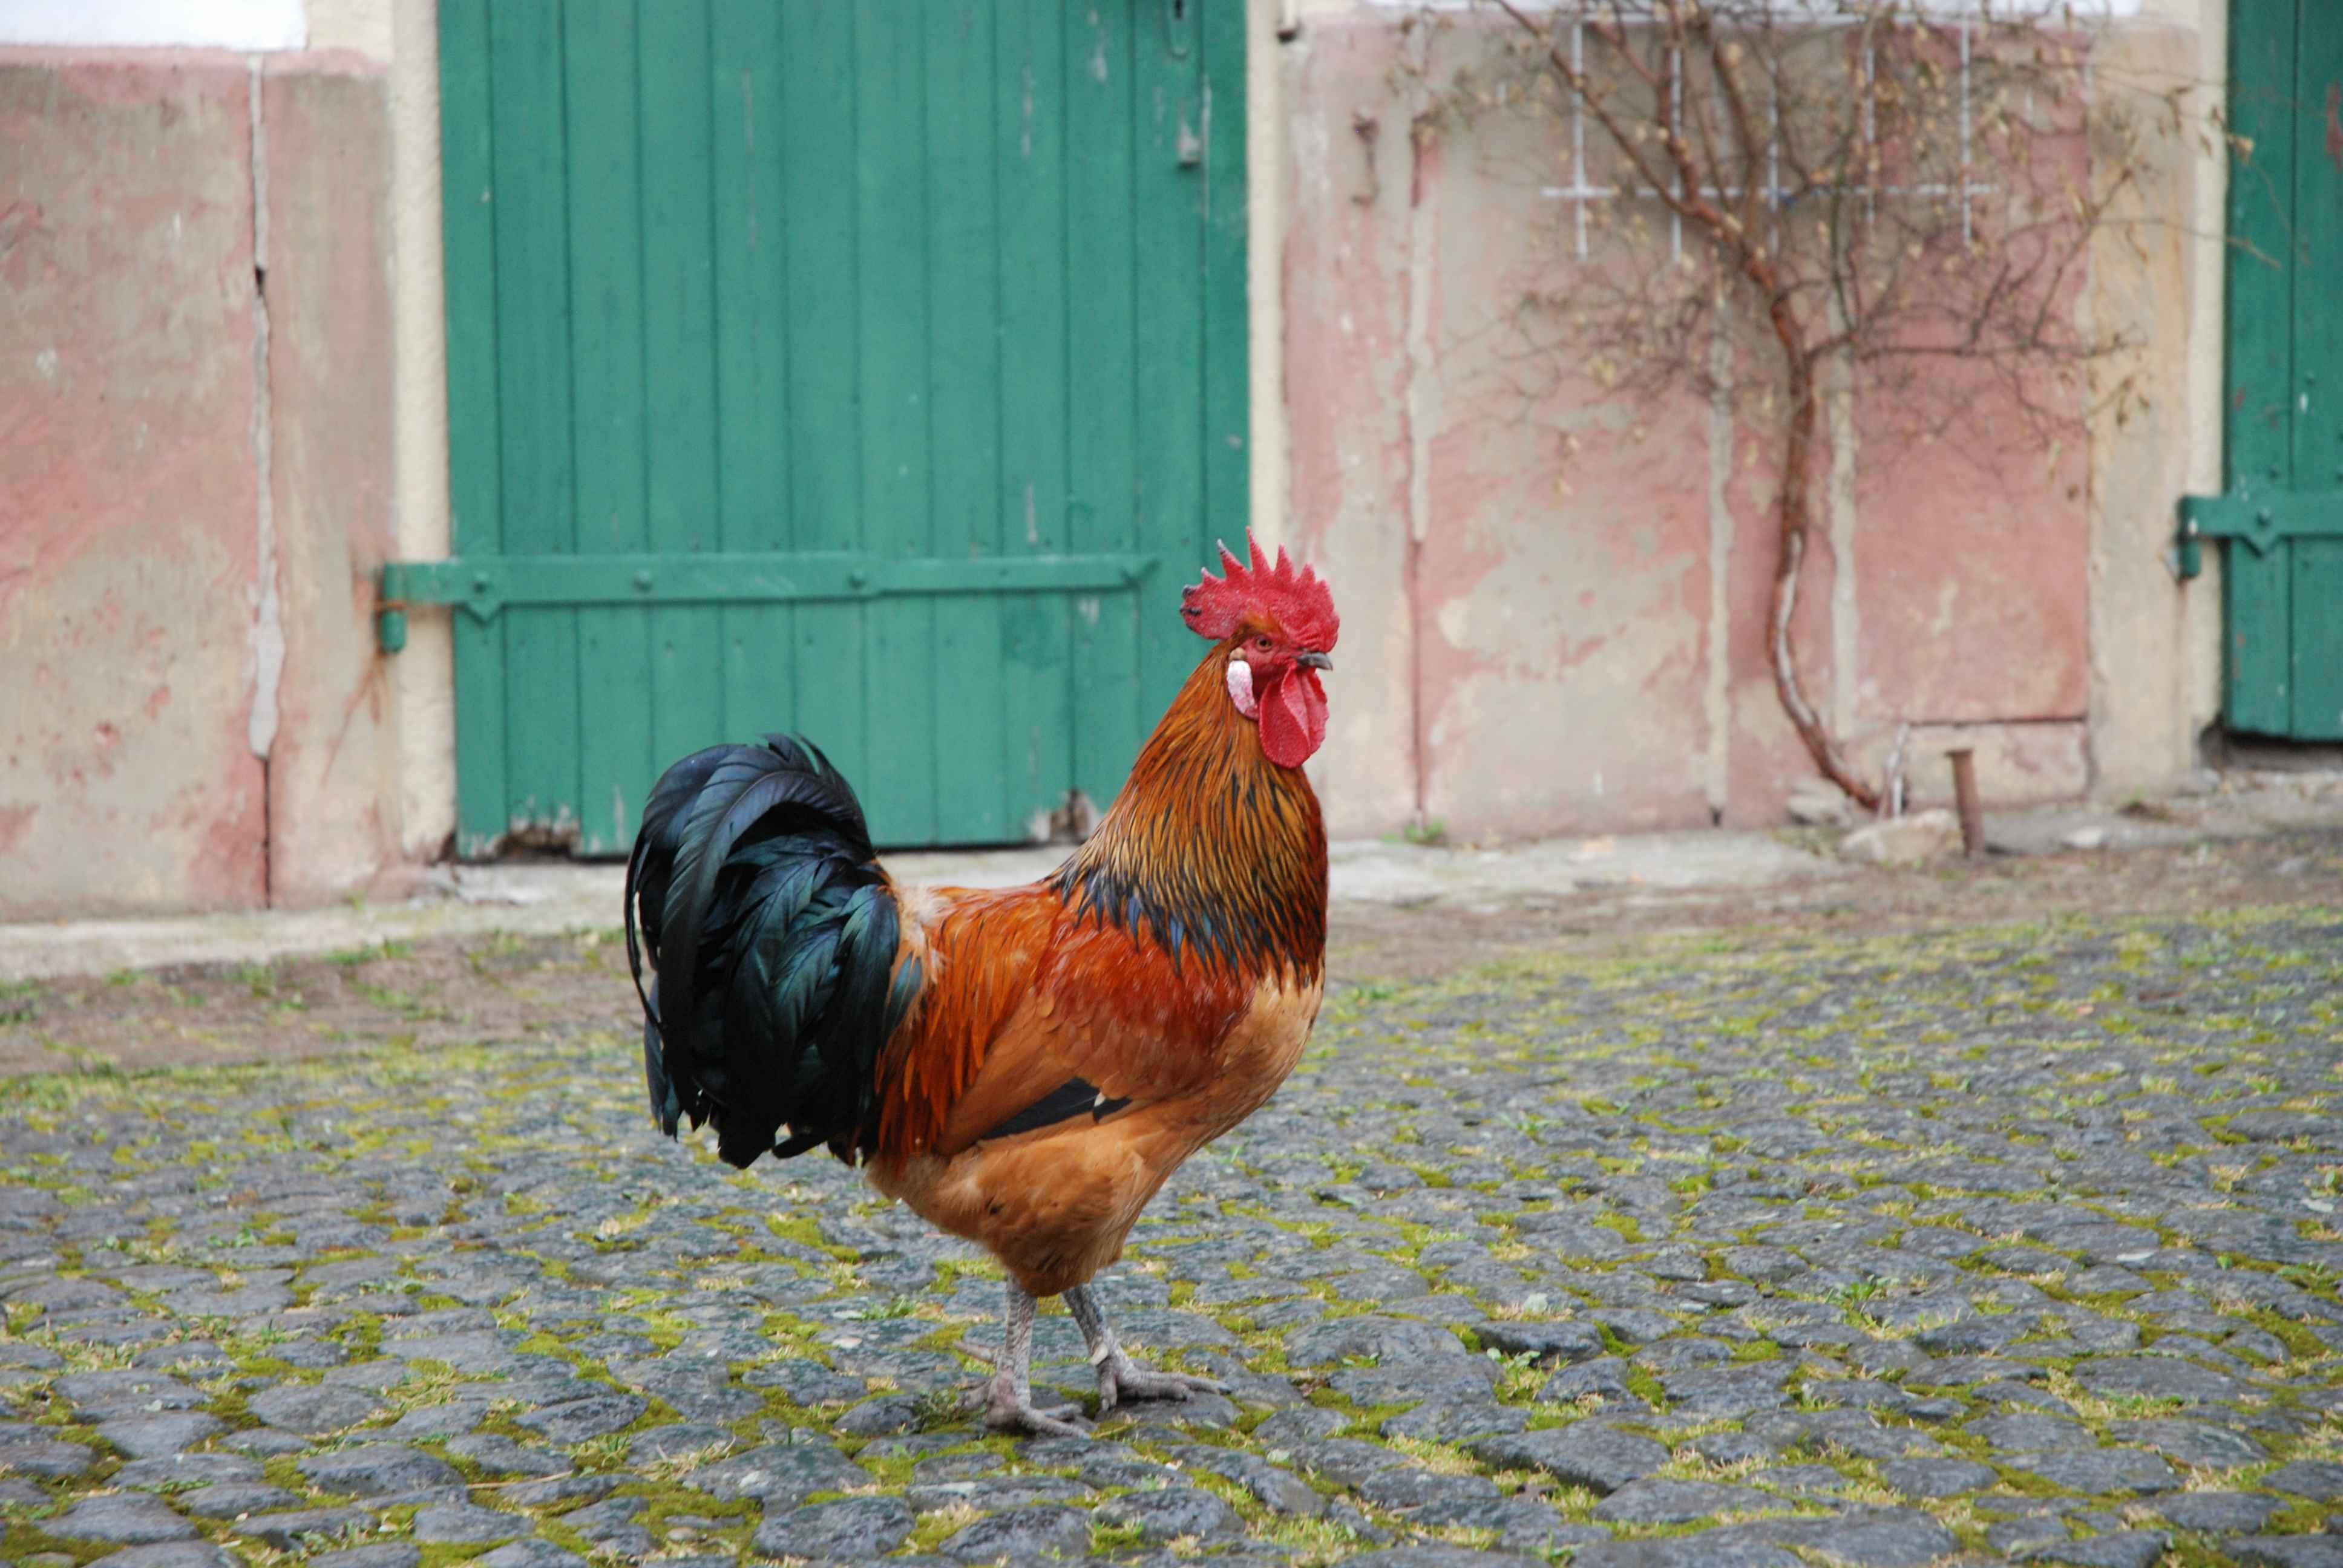 Fat Gromutter saugt auf einem Hahn - debxumcom